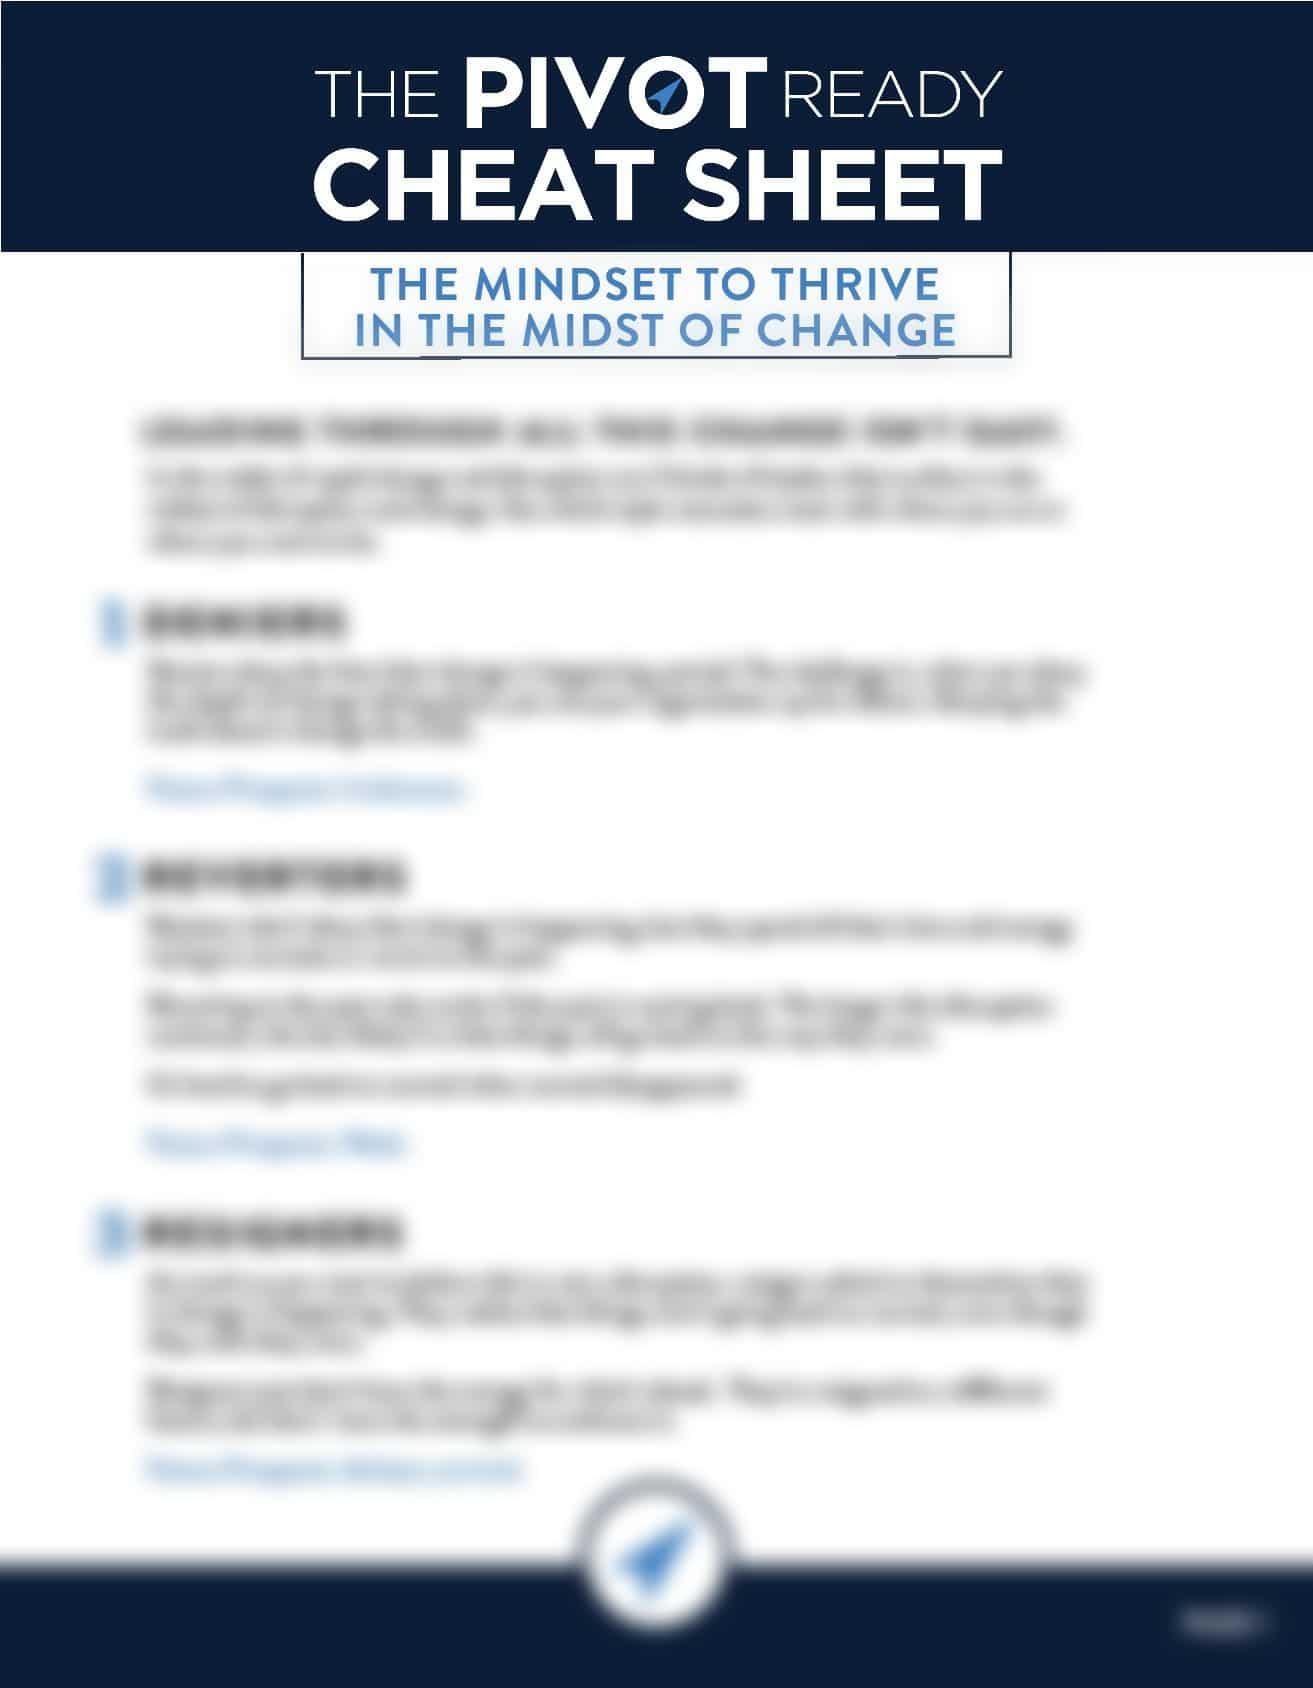 The Pivot Ready Cheat Sheet